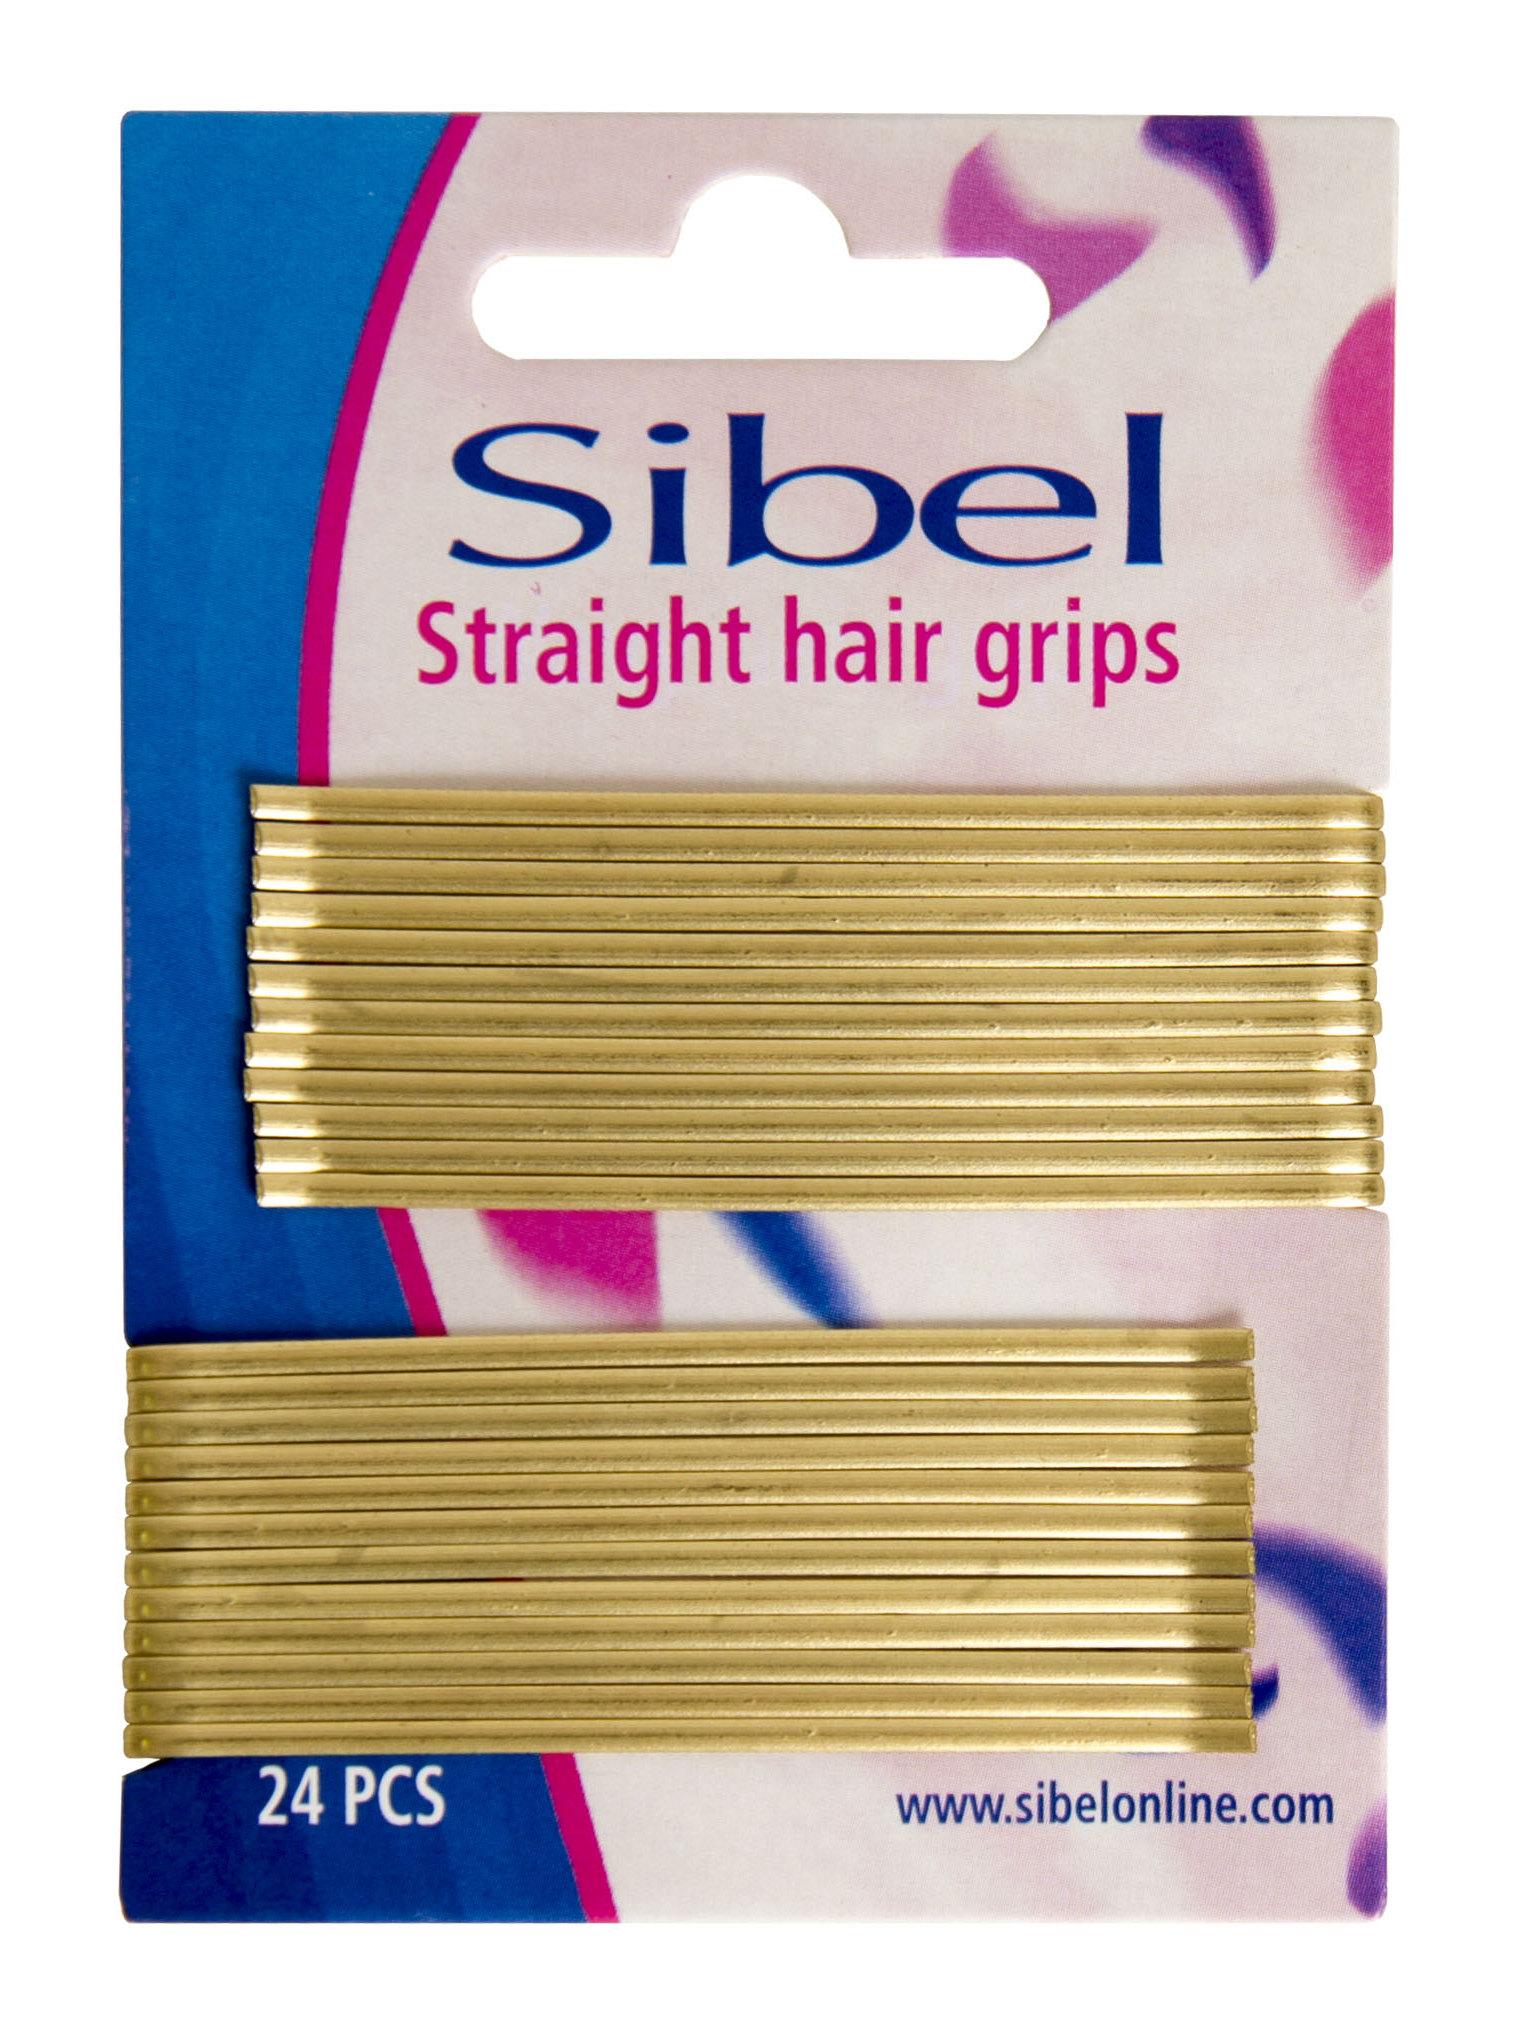 SIBEL Невидимки прямые, блондин 70 мм 24 шт/уп sibel невидимки 50 мм 24 шт 3 цвета невидимки 50 мм 24 шт 24 шт медно бежевые